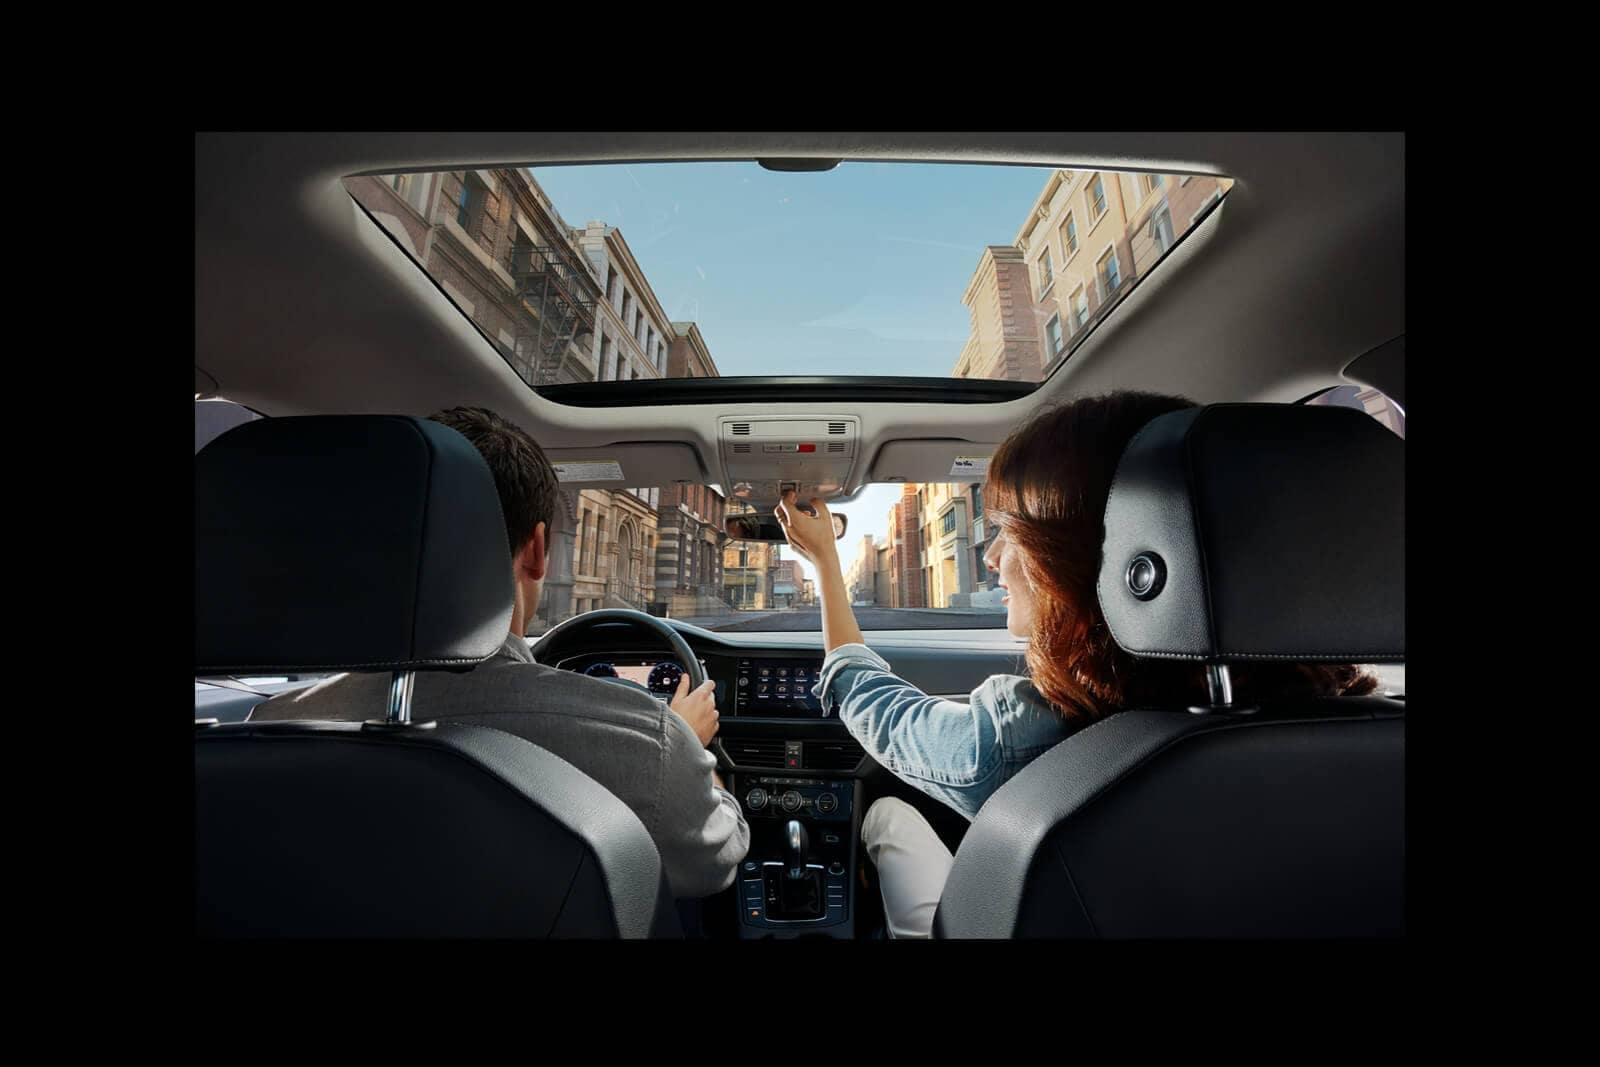 2019 Volkswagen Jetta Passengers